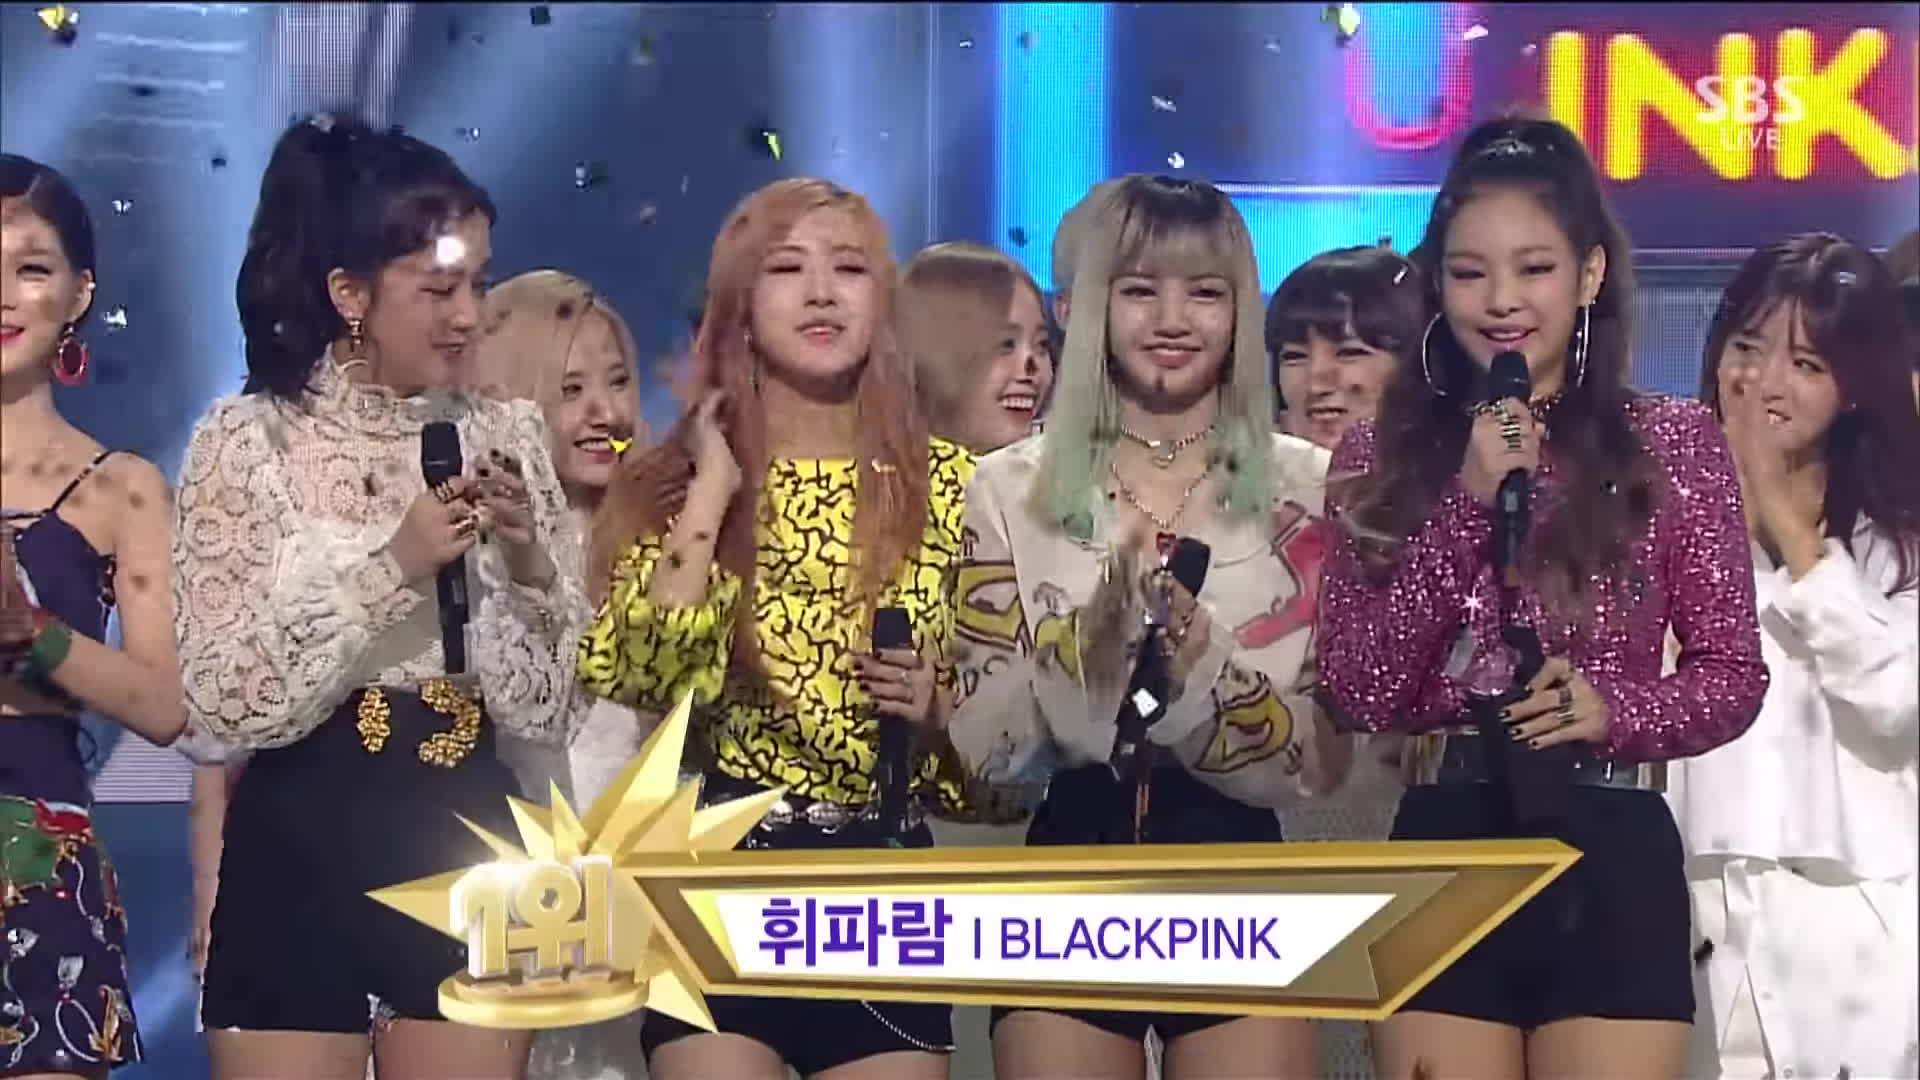 Girlgroup Kpop lần đầu nhận cúp: Người chỉ mất 13 ngày, kẻ phải chờ gần 3 năm